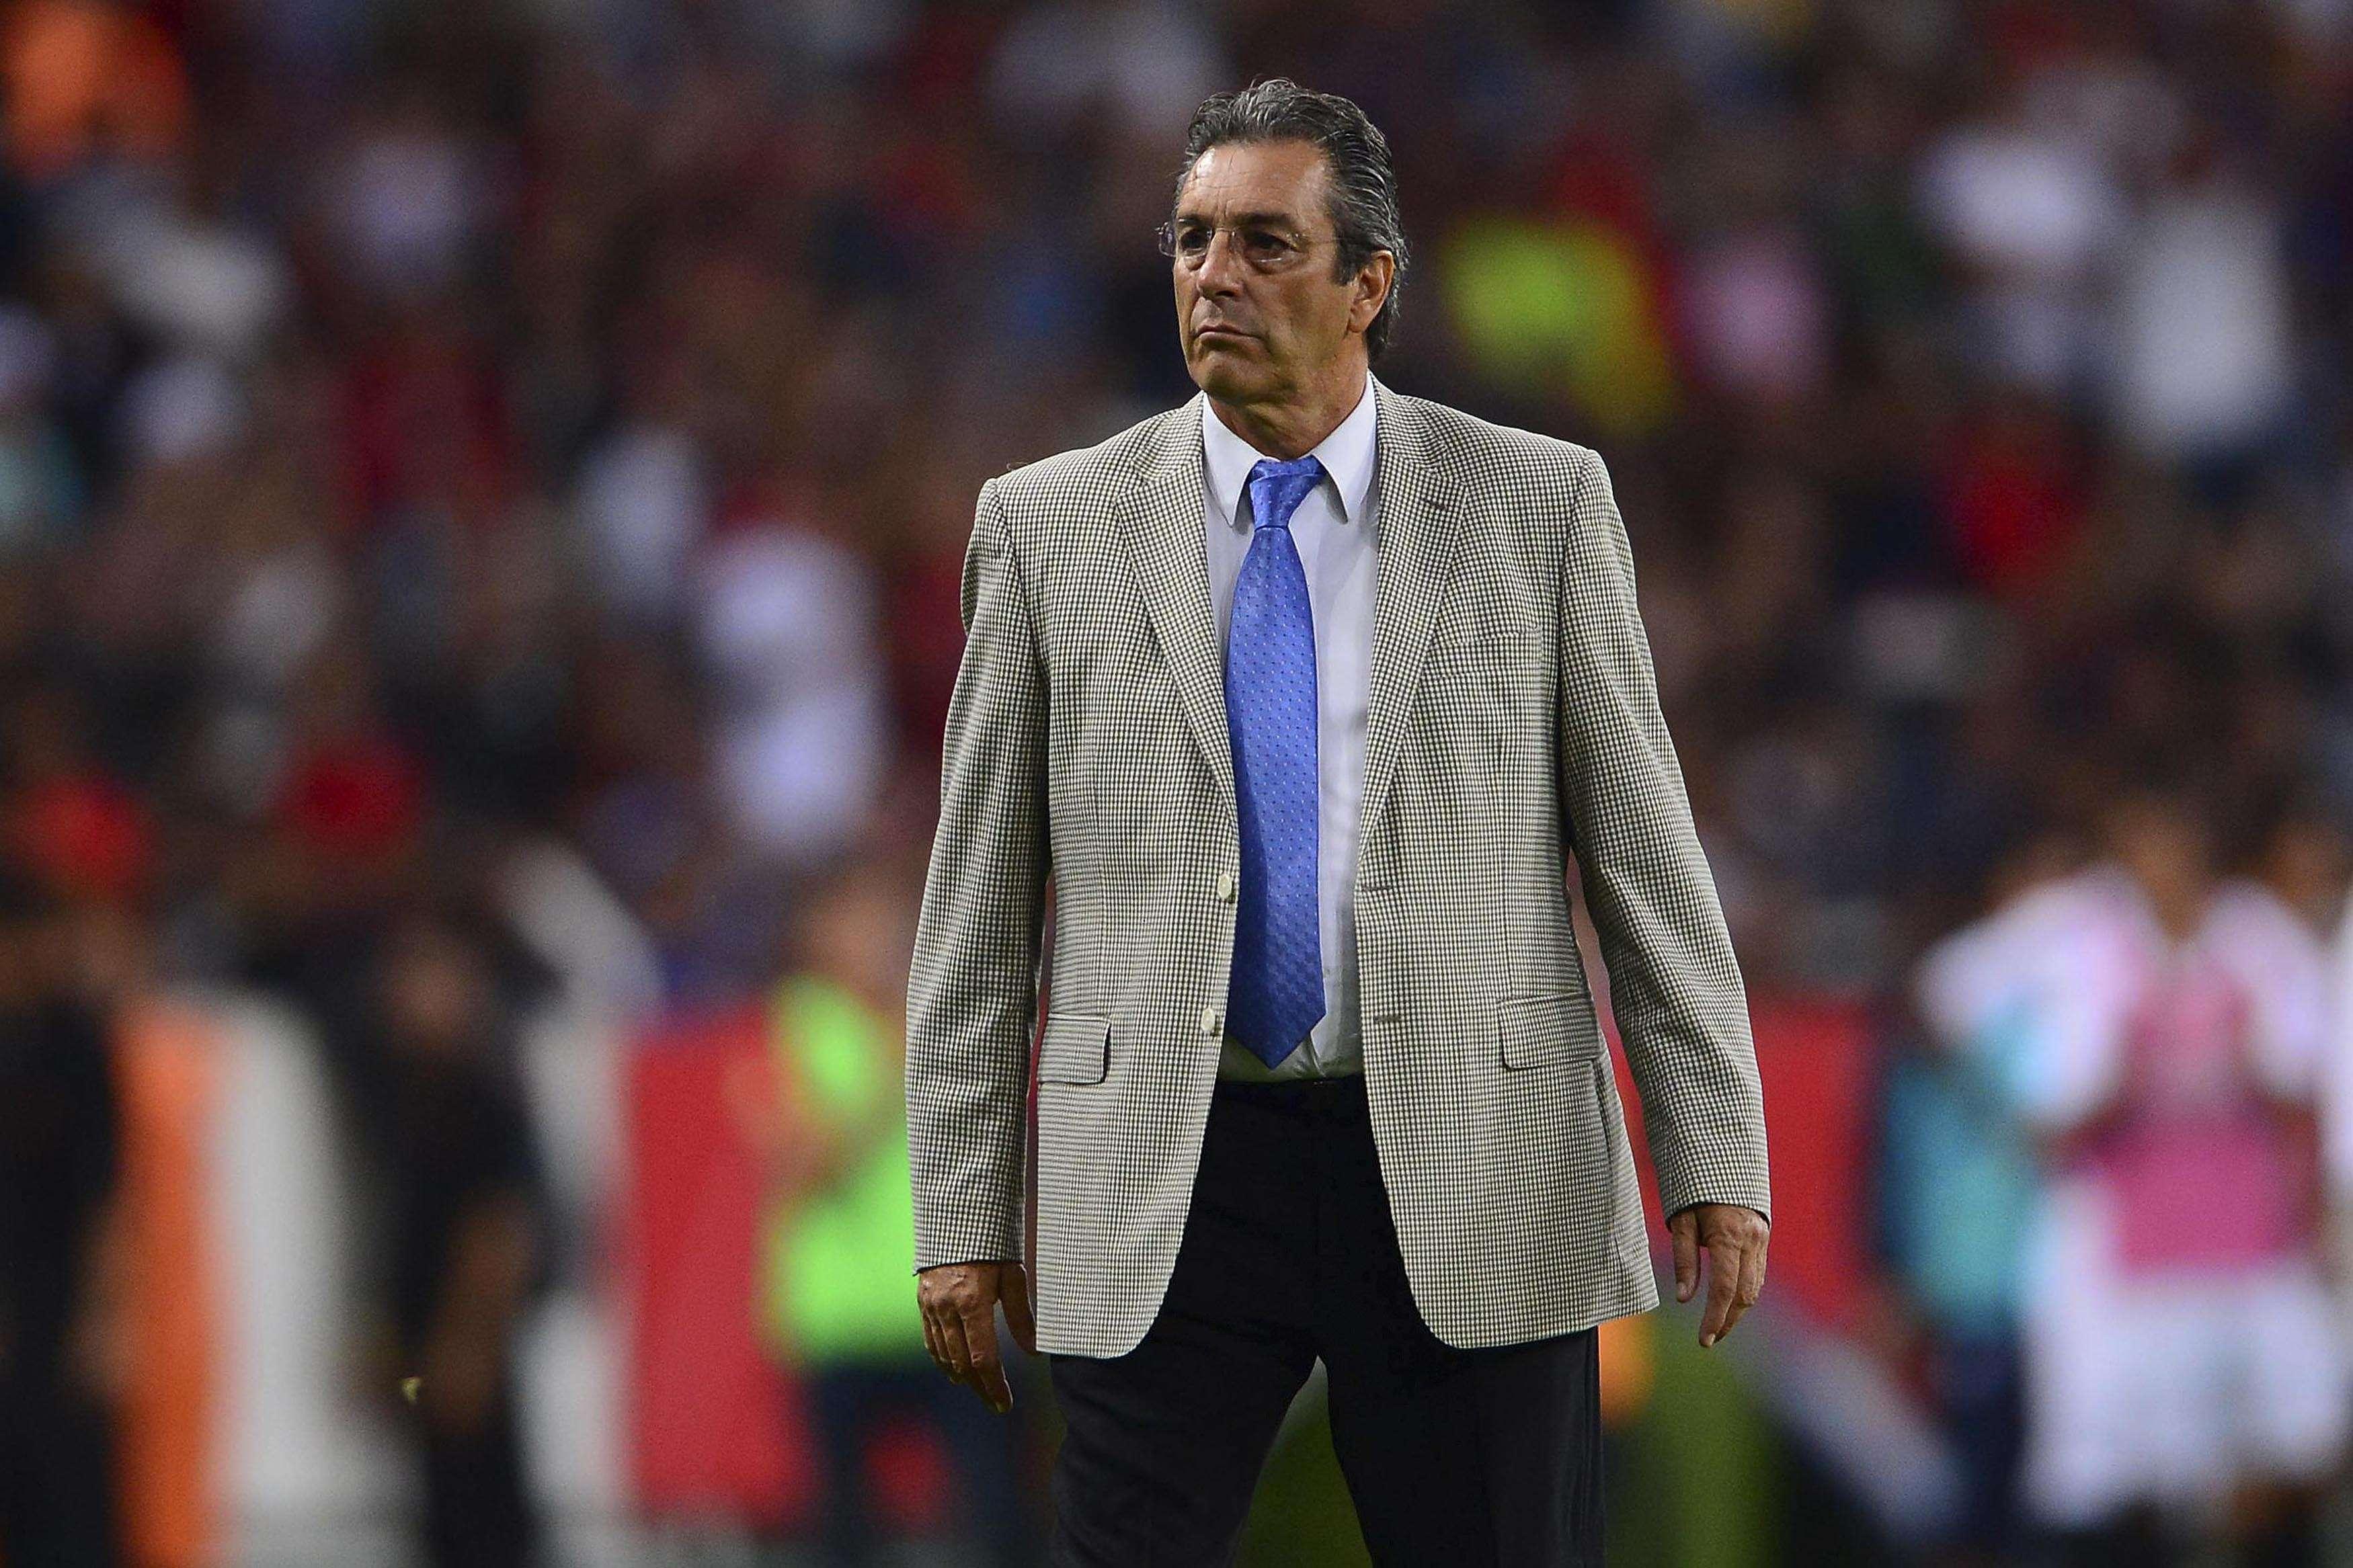 Tomás Boy no pudo controlarse tras los insultos Foto: Mexsport